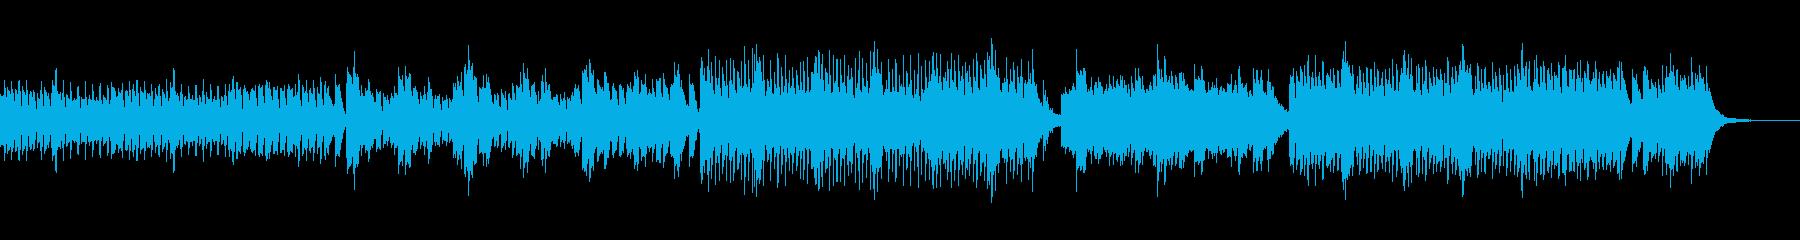 跳ねるような楽しいピアノ曲の再生済みの波形